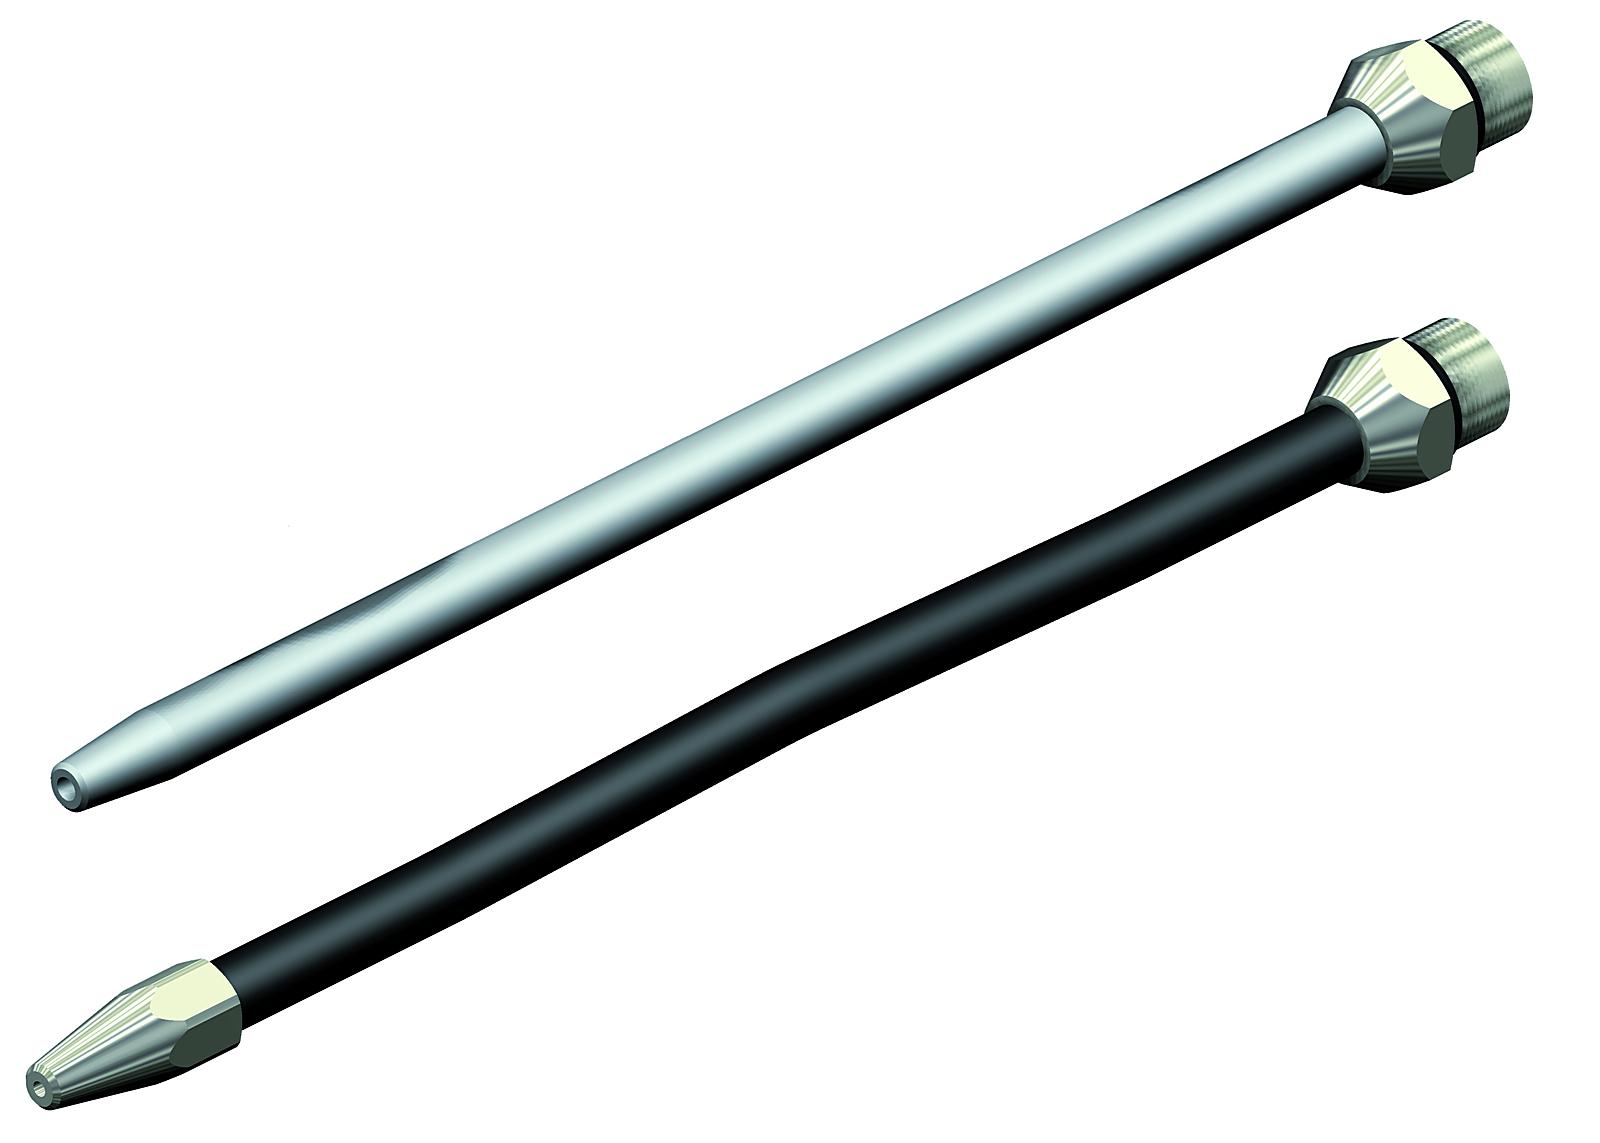 Náhradní tryska - s gumovou ochranou 110mm A10-A18 -  Ilustrativní foto